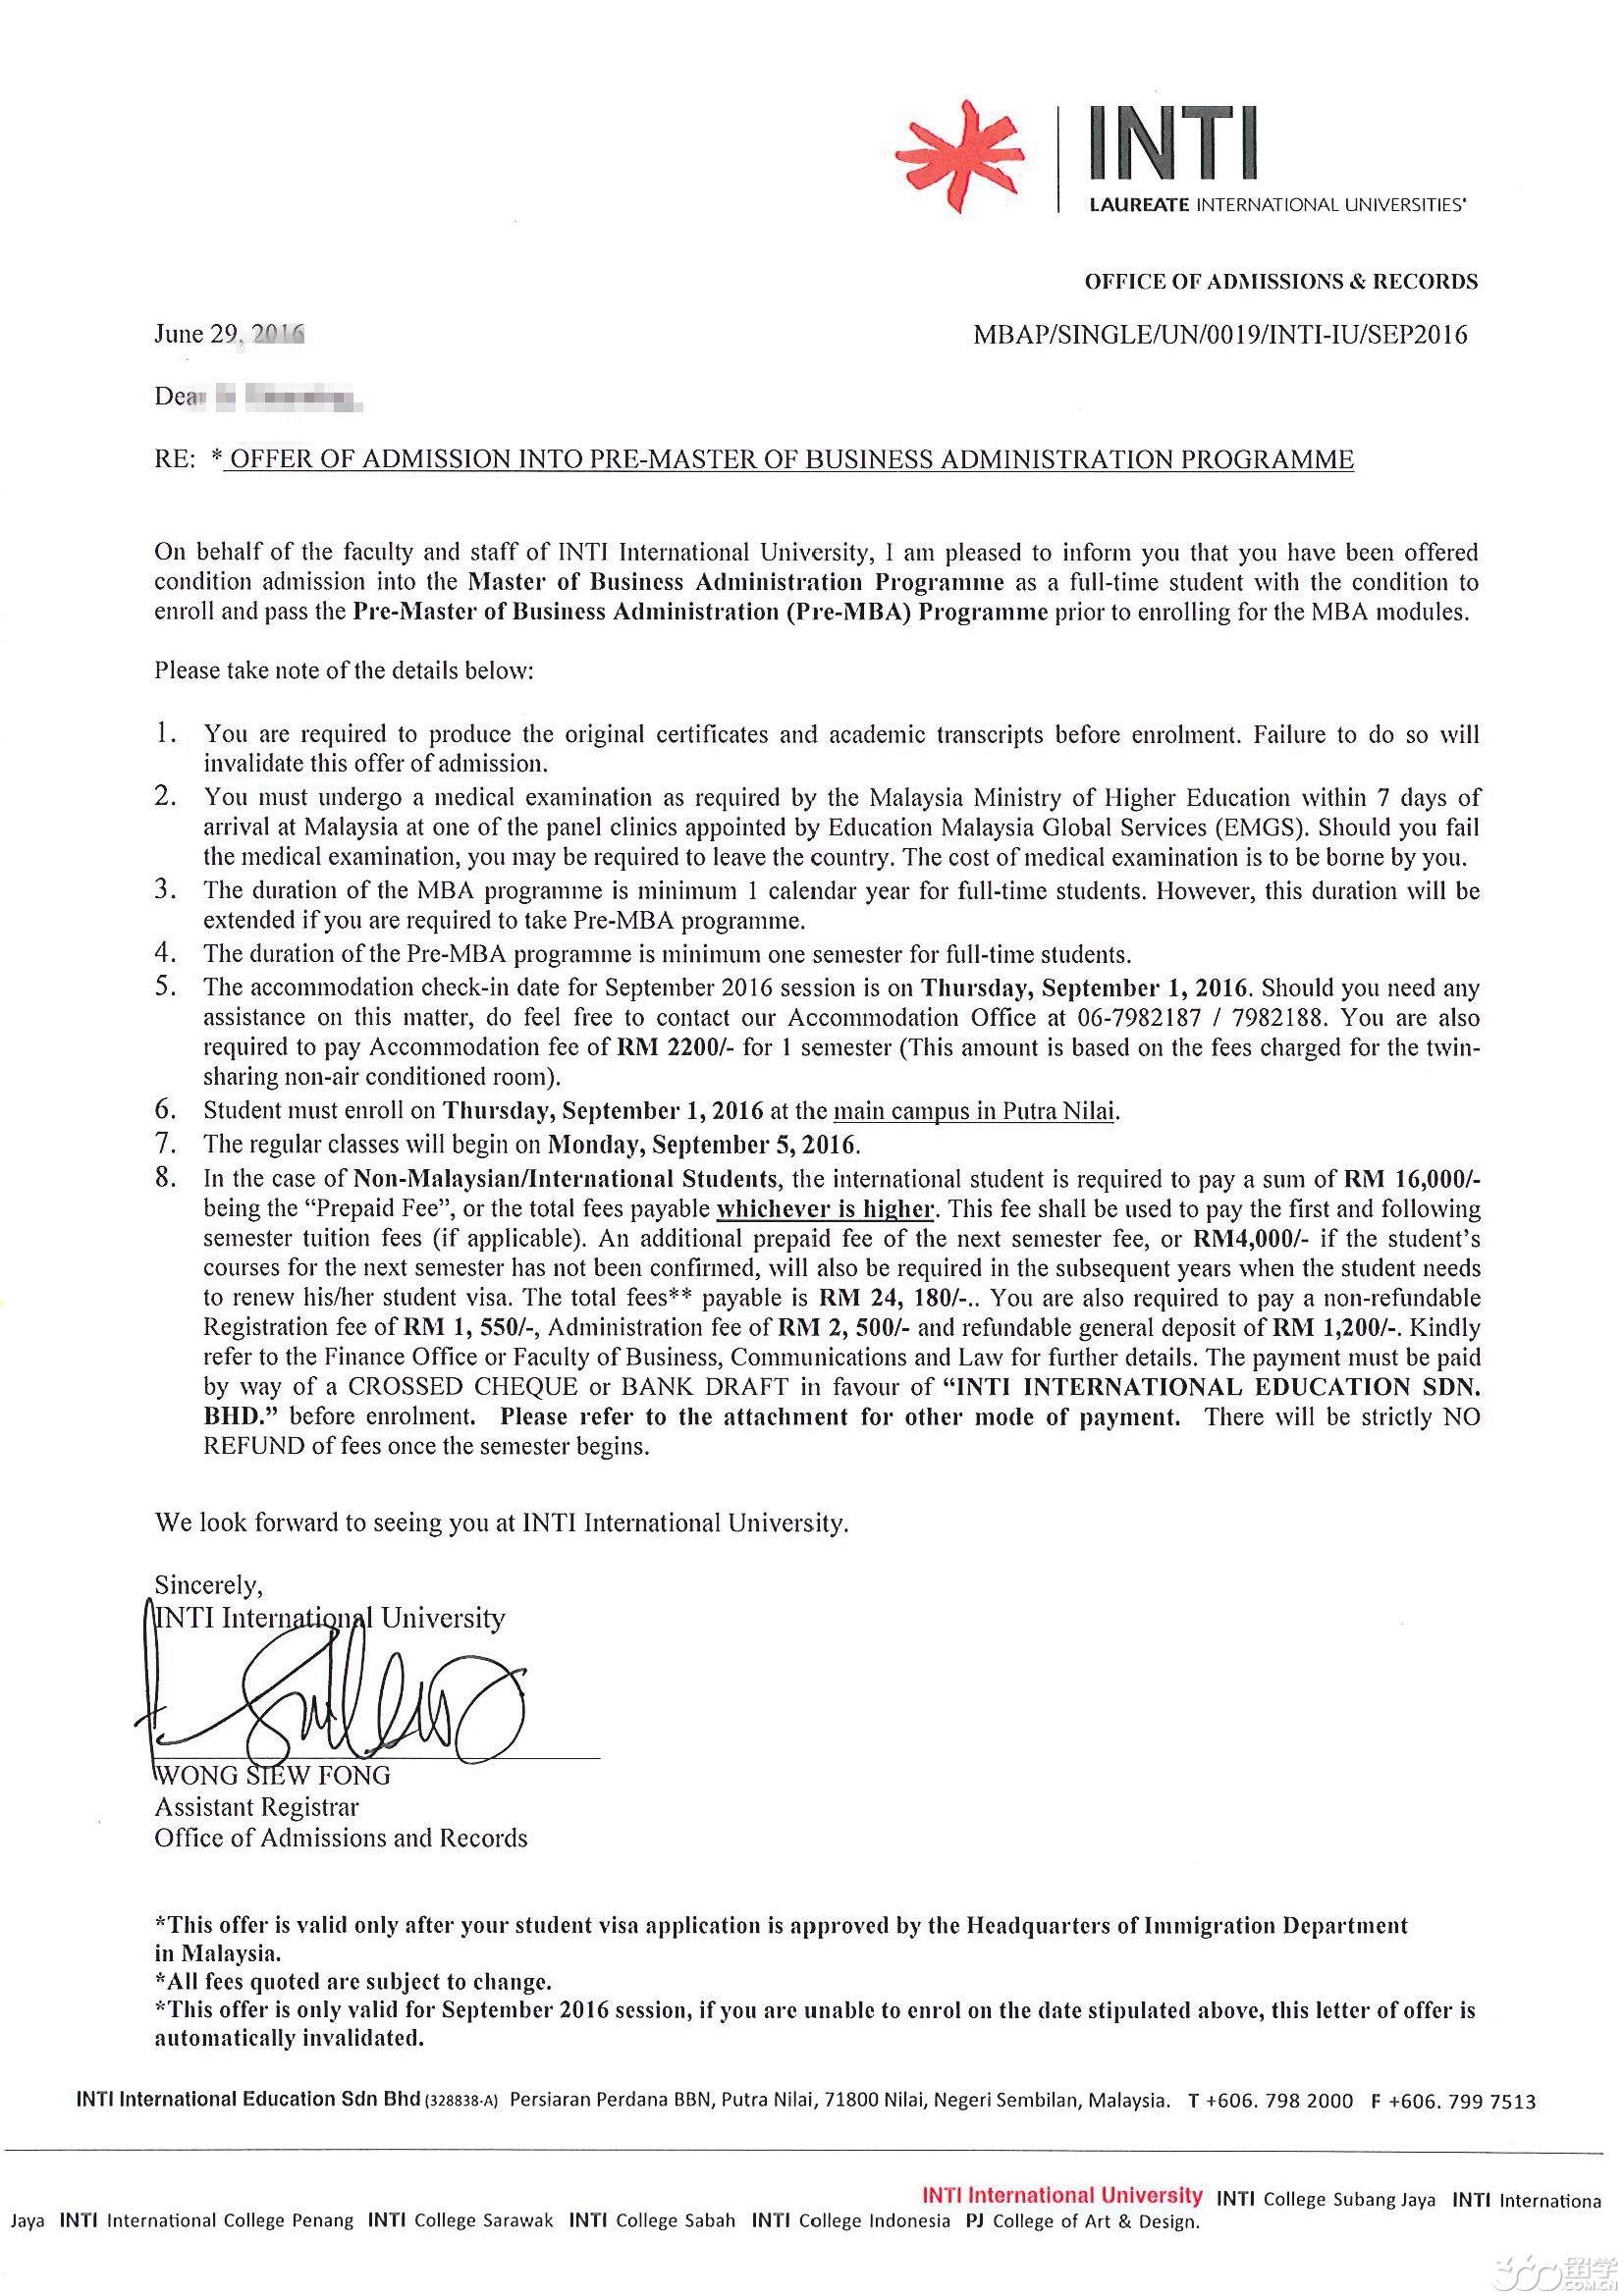 签证受阻转申请马来西亚,经廖老师成功办理惊喜发现自己更适合英迪